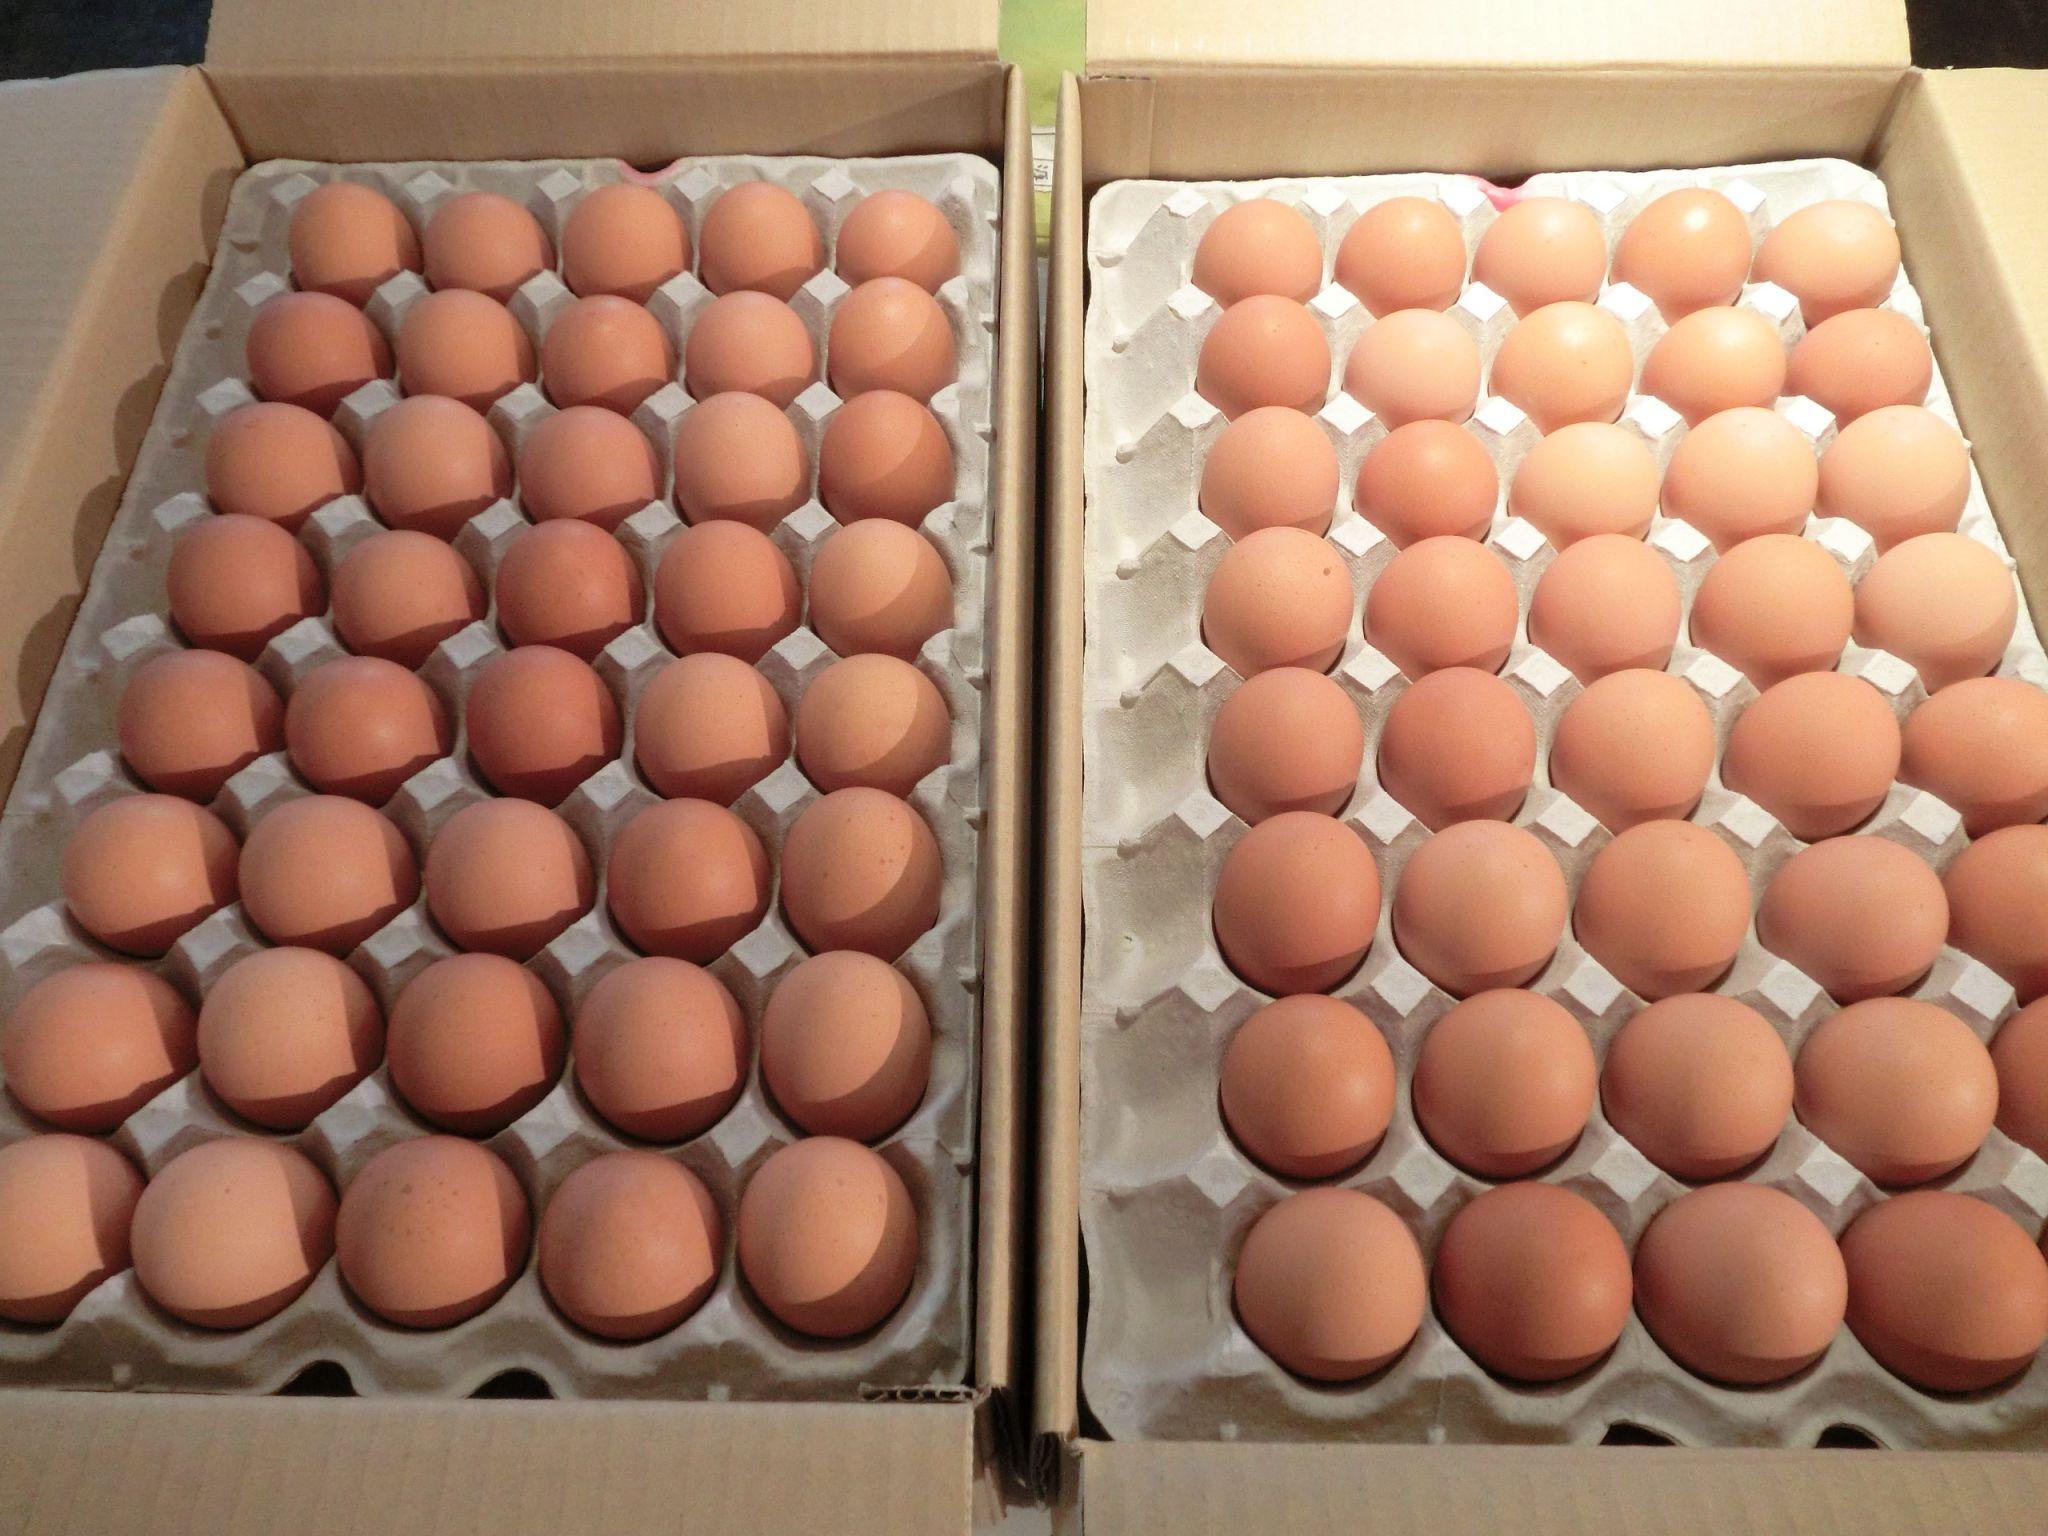 石原様より鶏卵を頂きました。